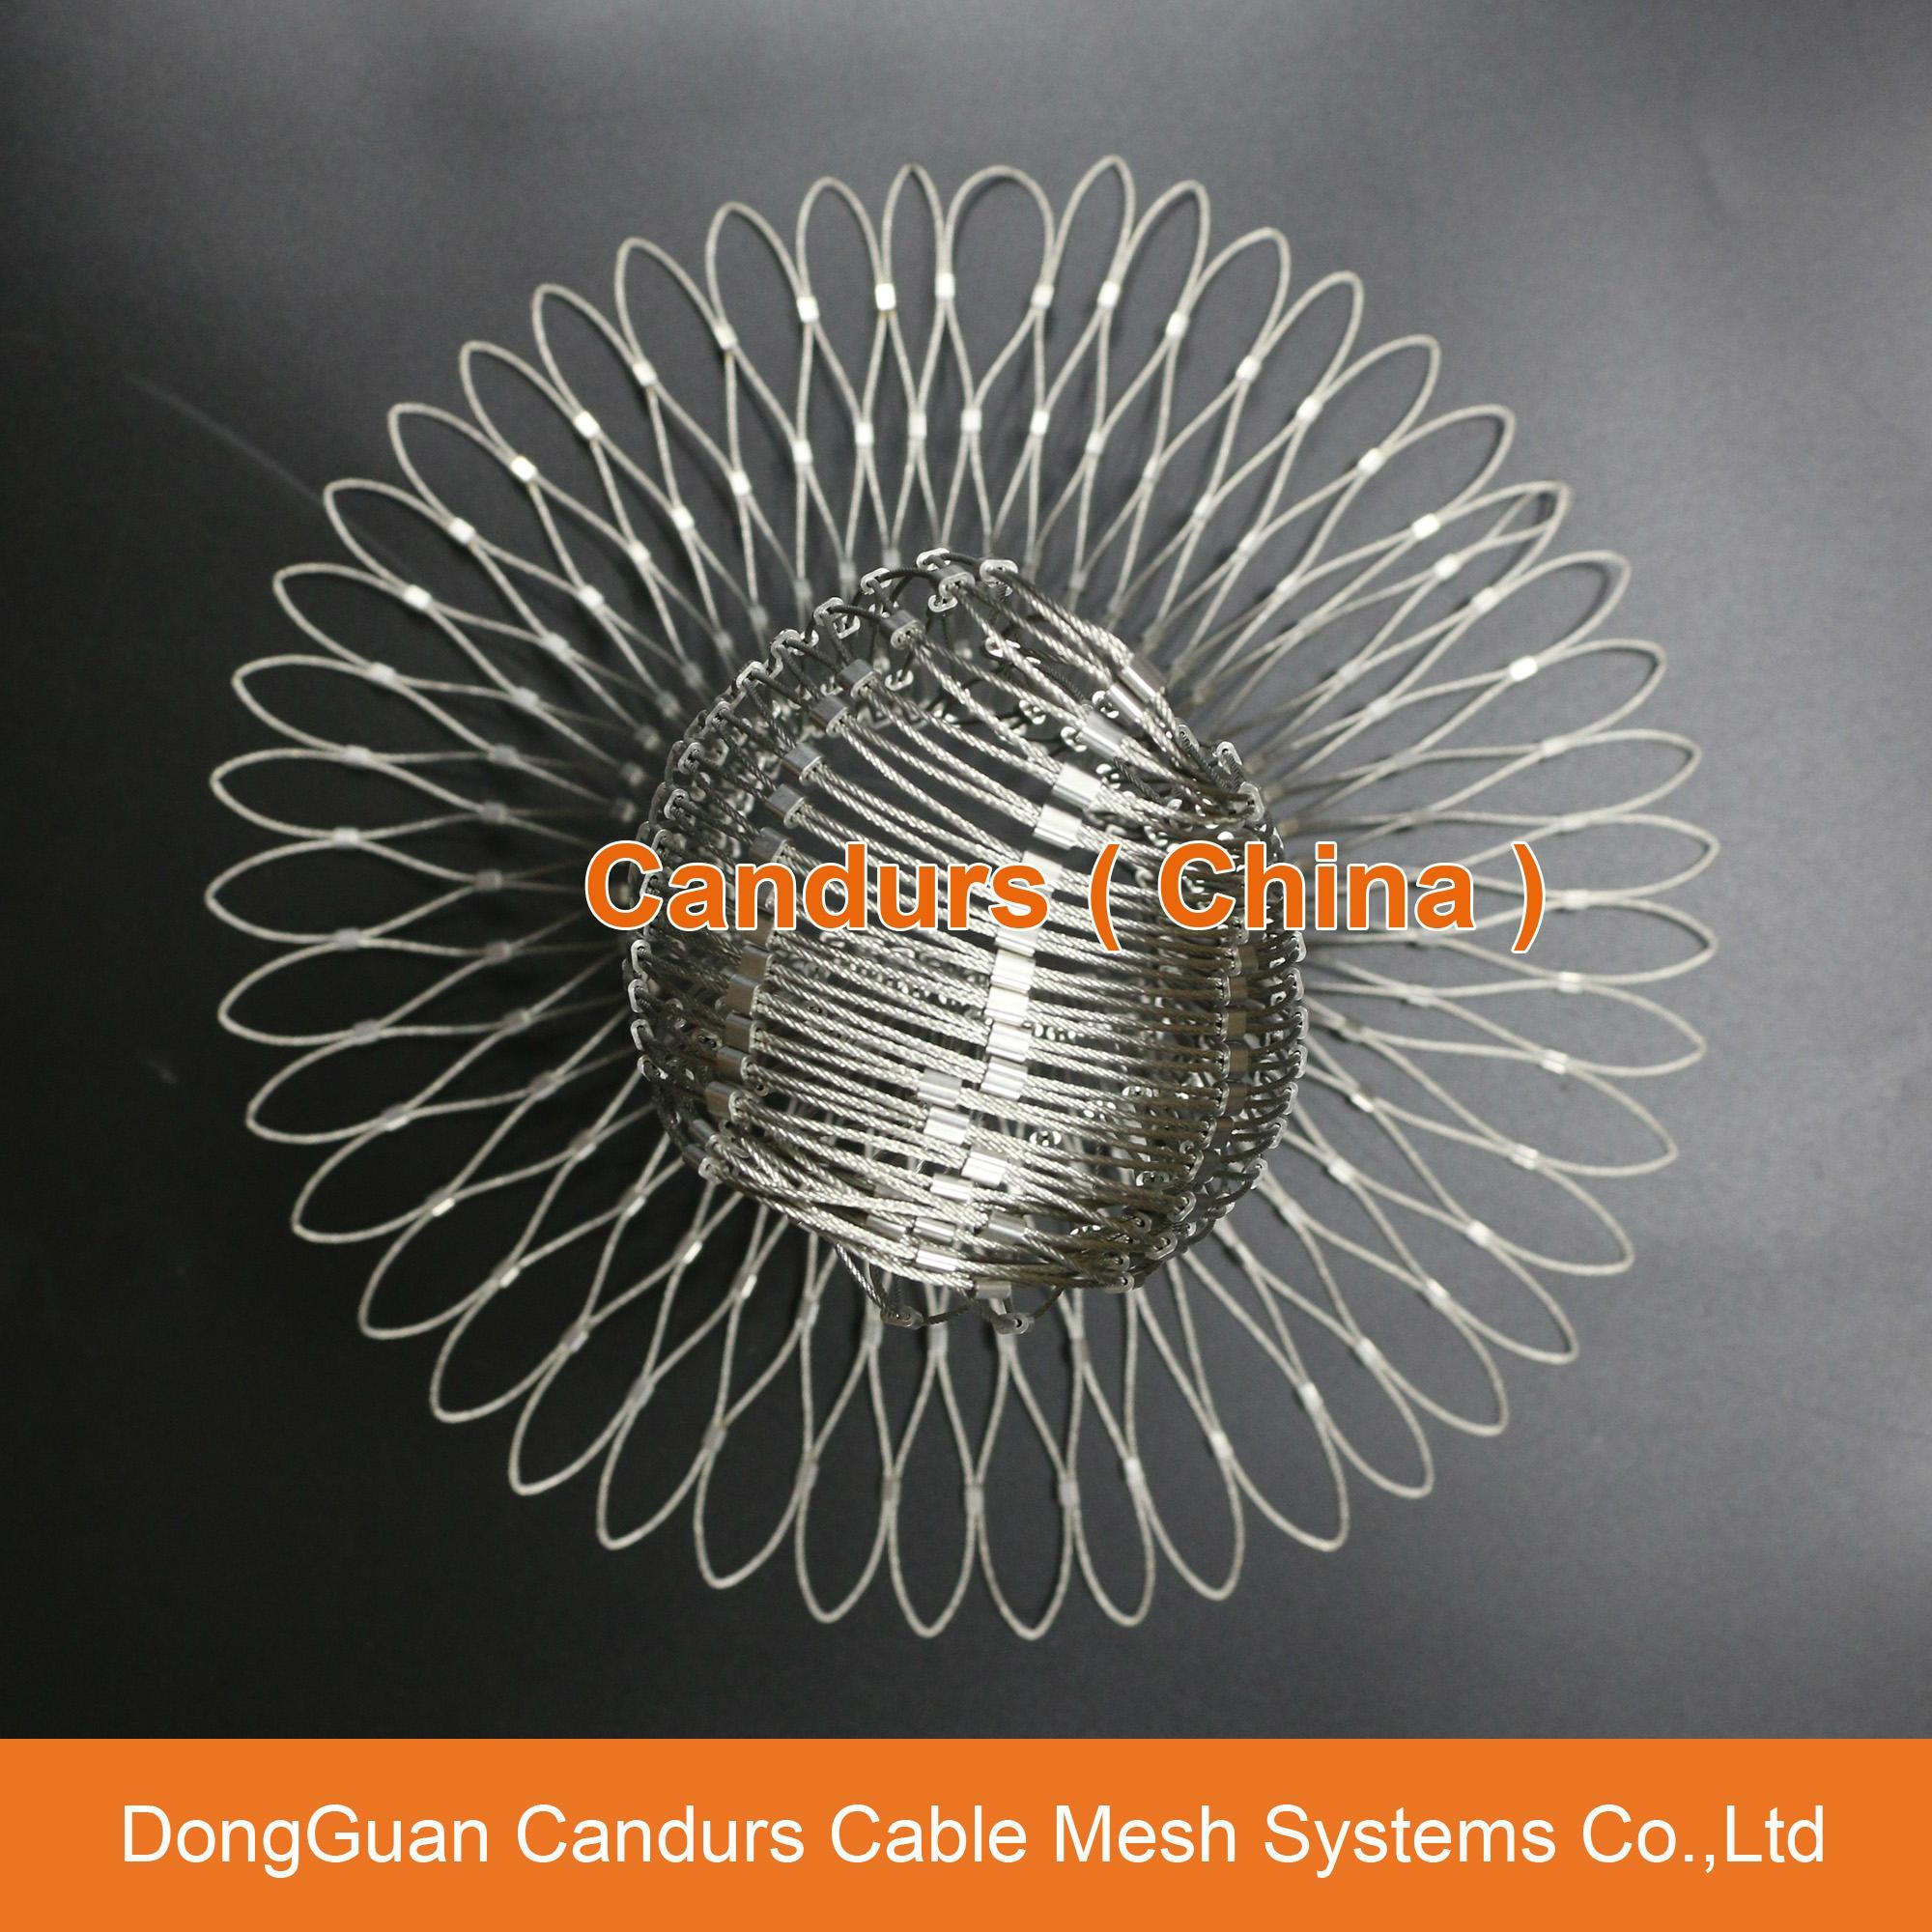 昌達不鏽鋼絲繩網——美標316不鏽鋼繩網 19